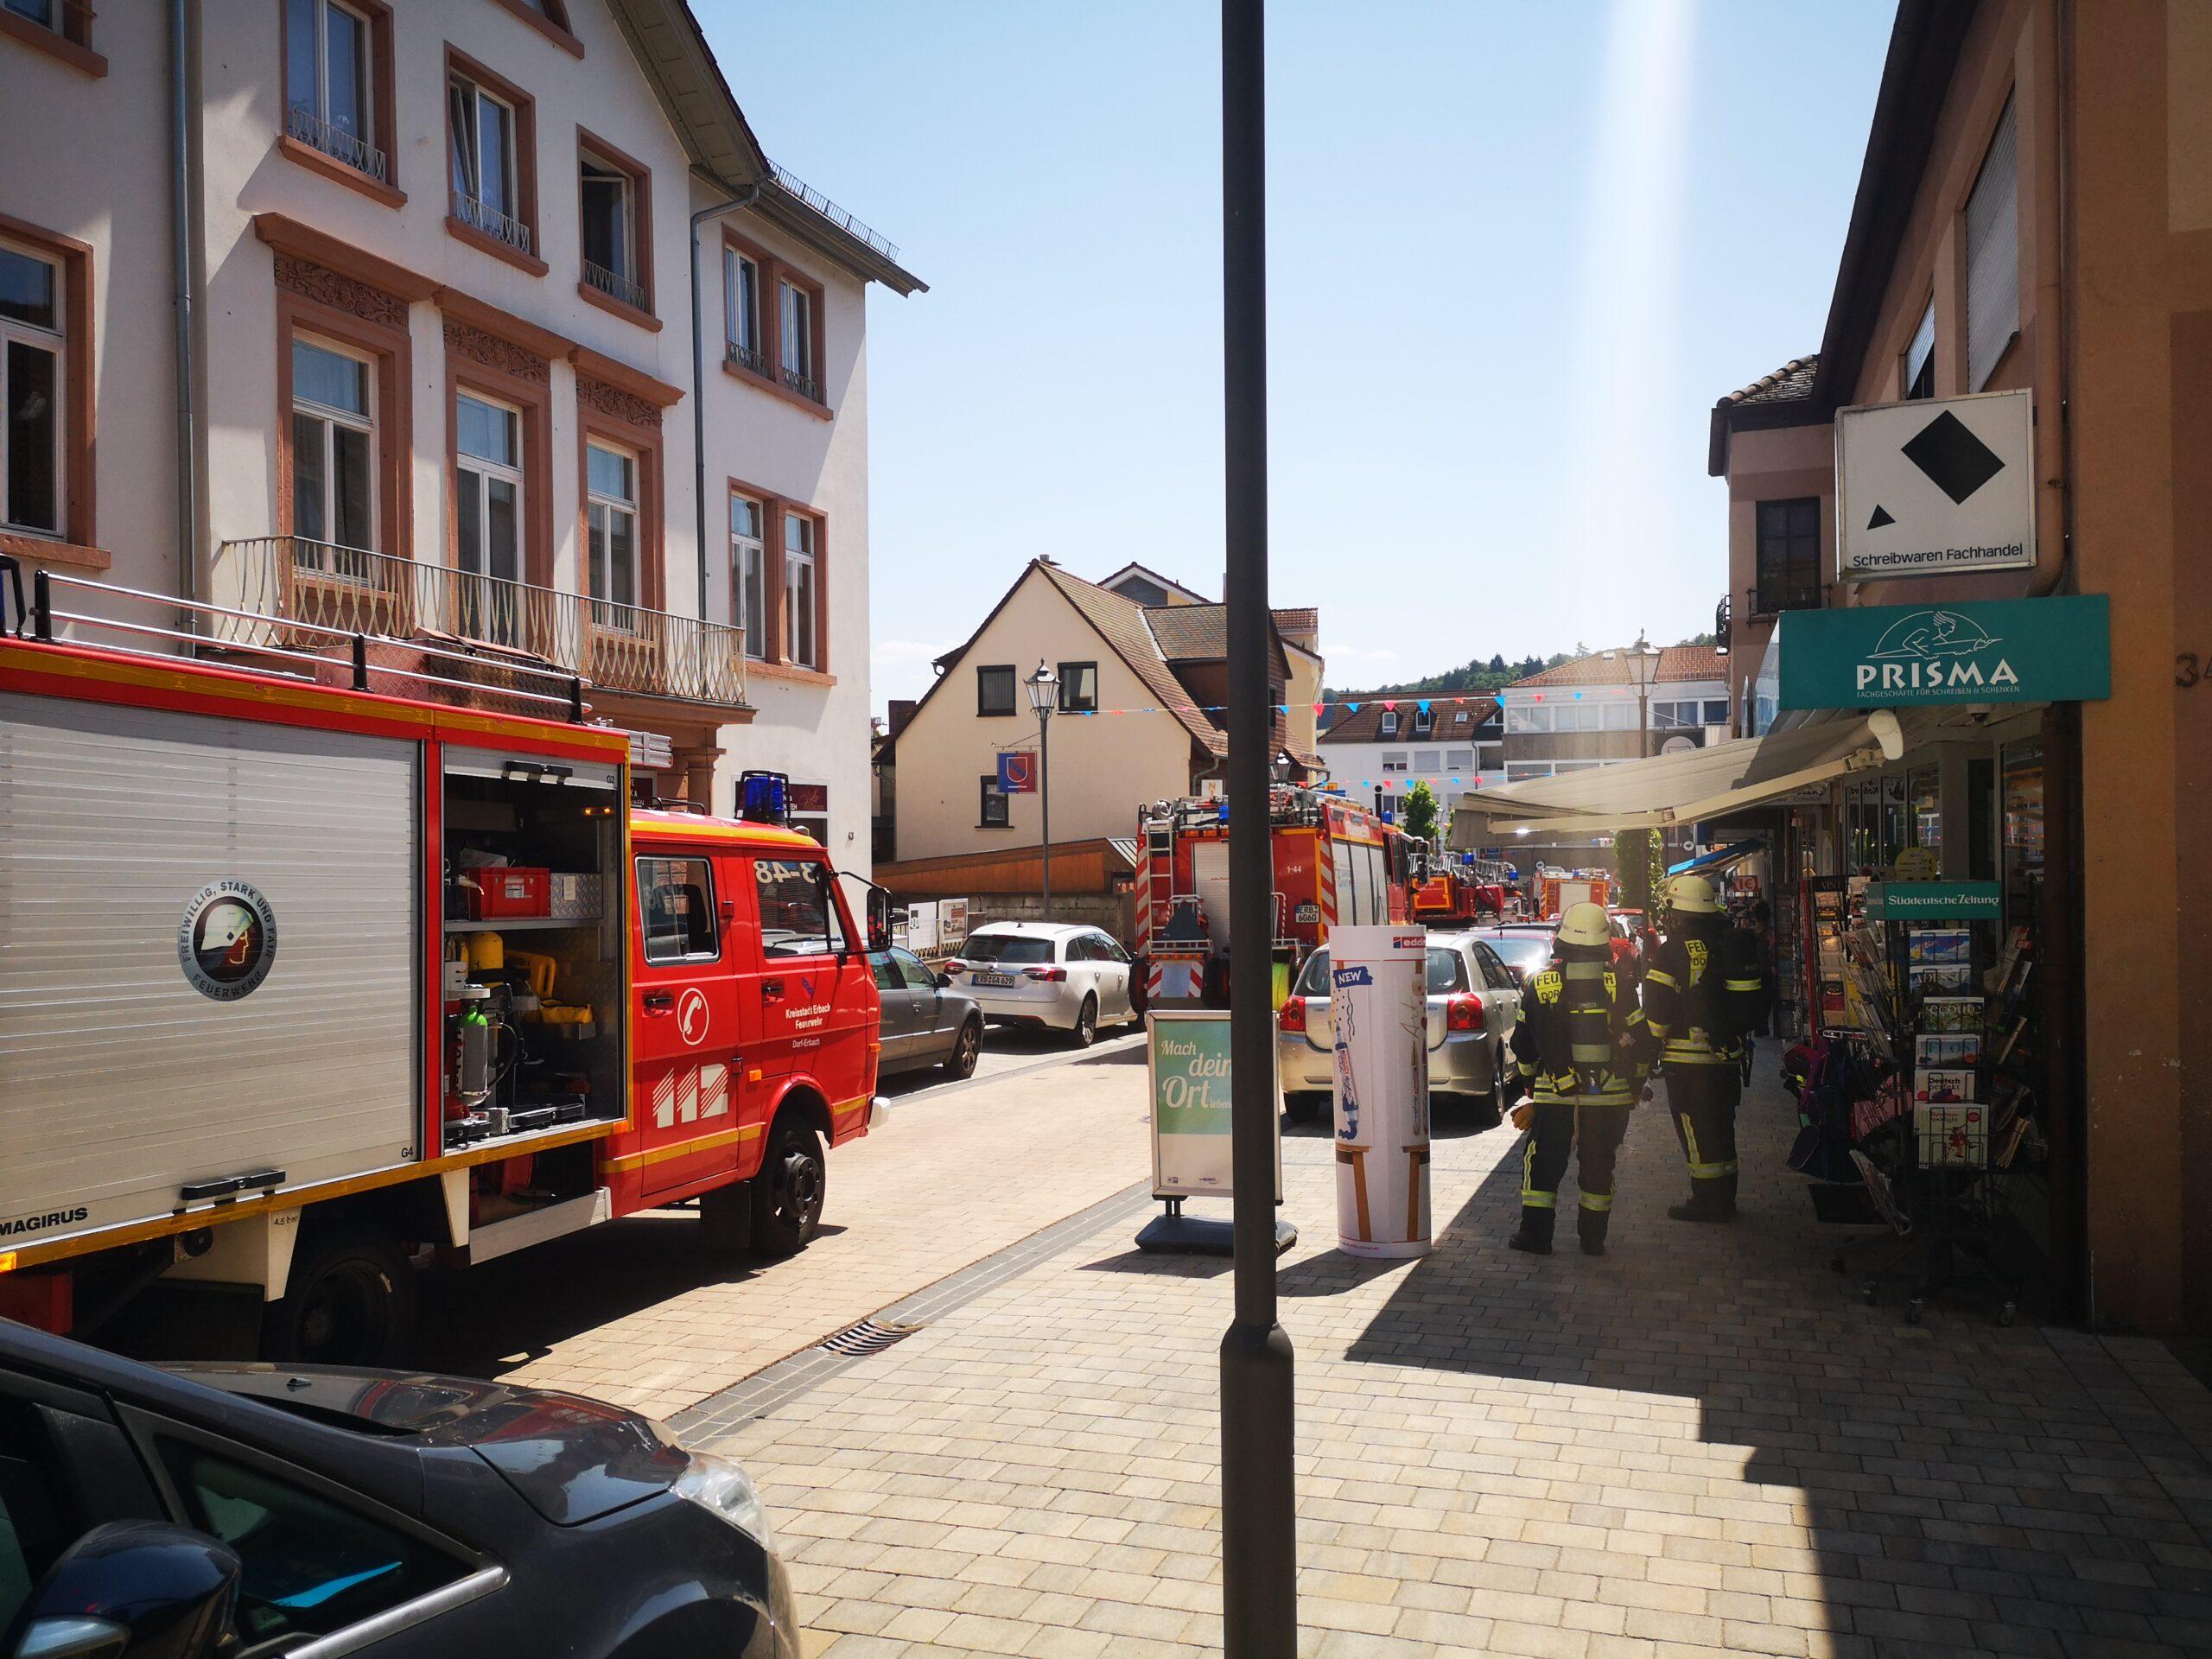 19.07.2021 Wohnungsbrand mit Menschenleben in Gefahr (21-21)